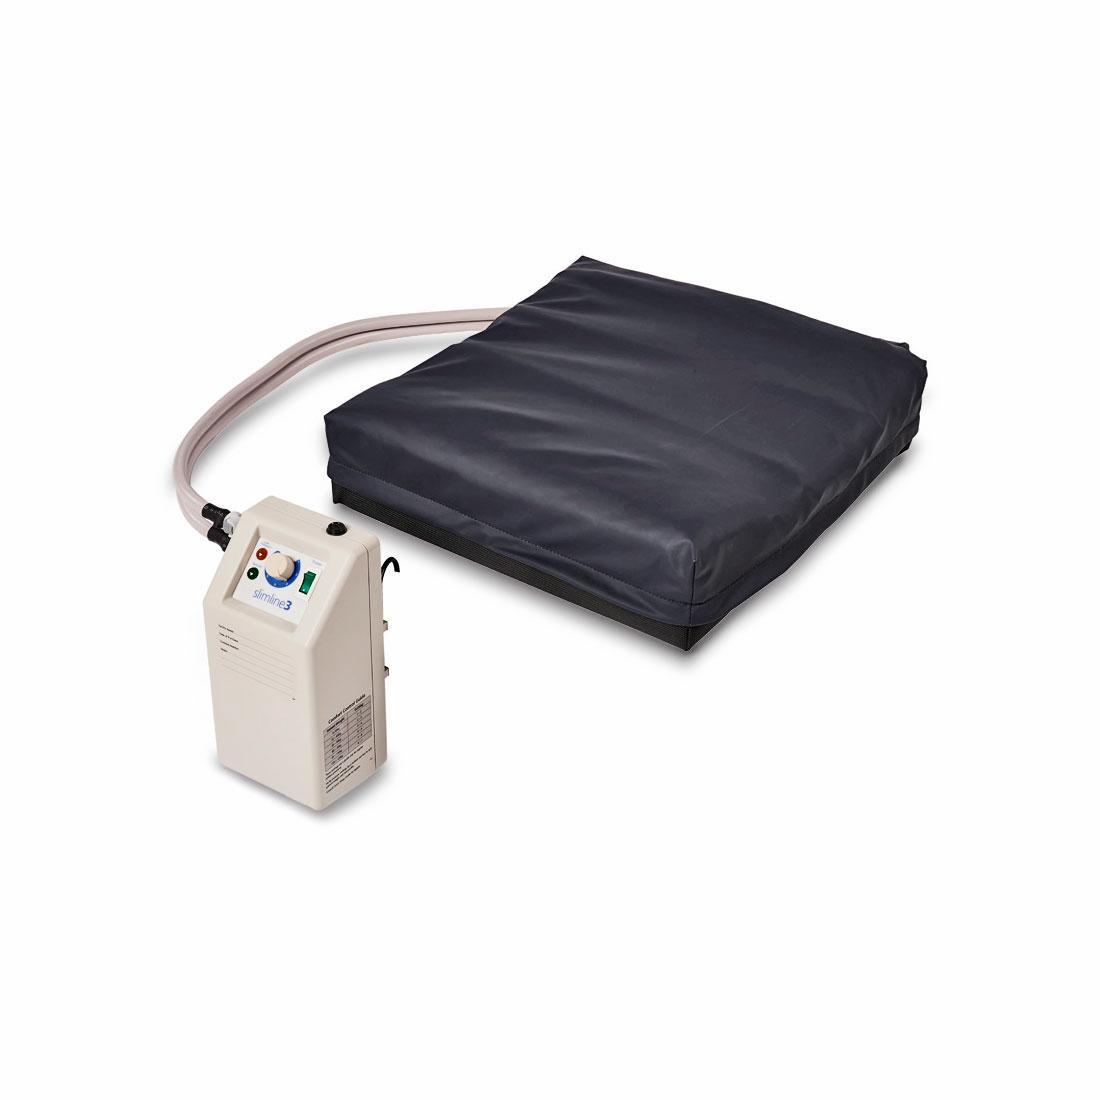 Wheelchair Seat Cushions Product : Alternating air chair cushion